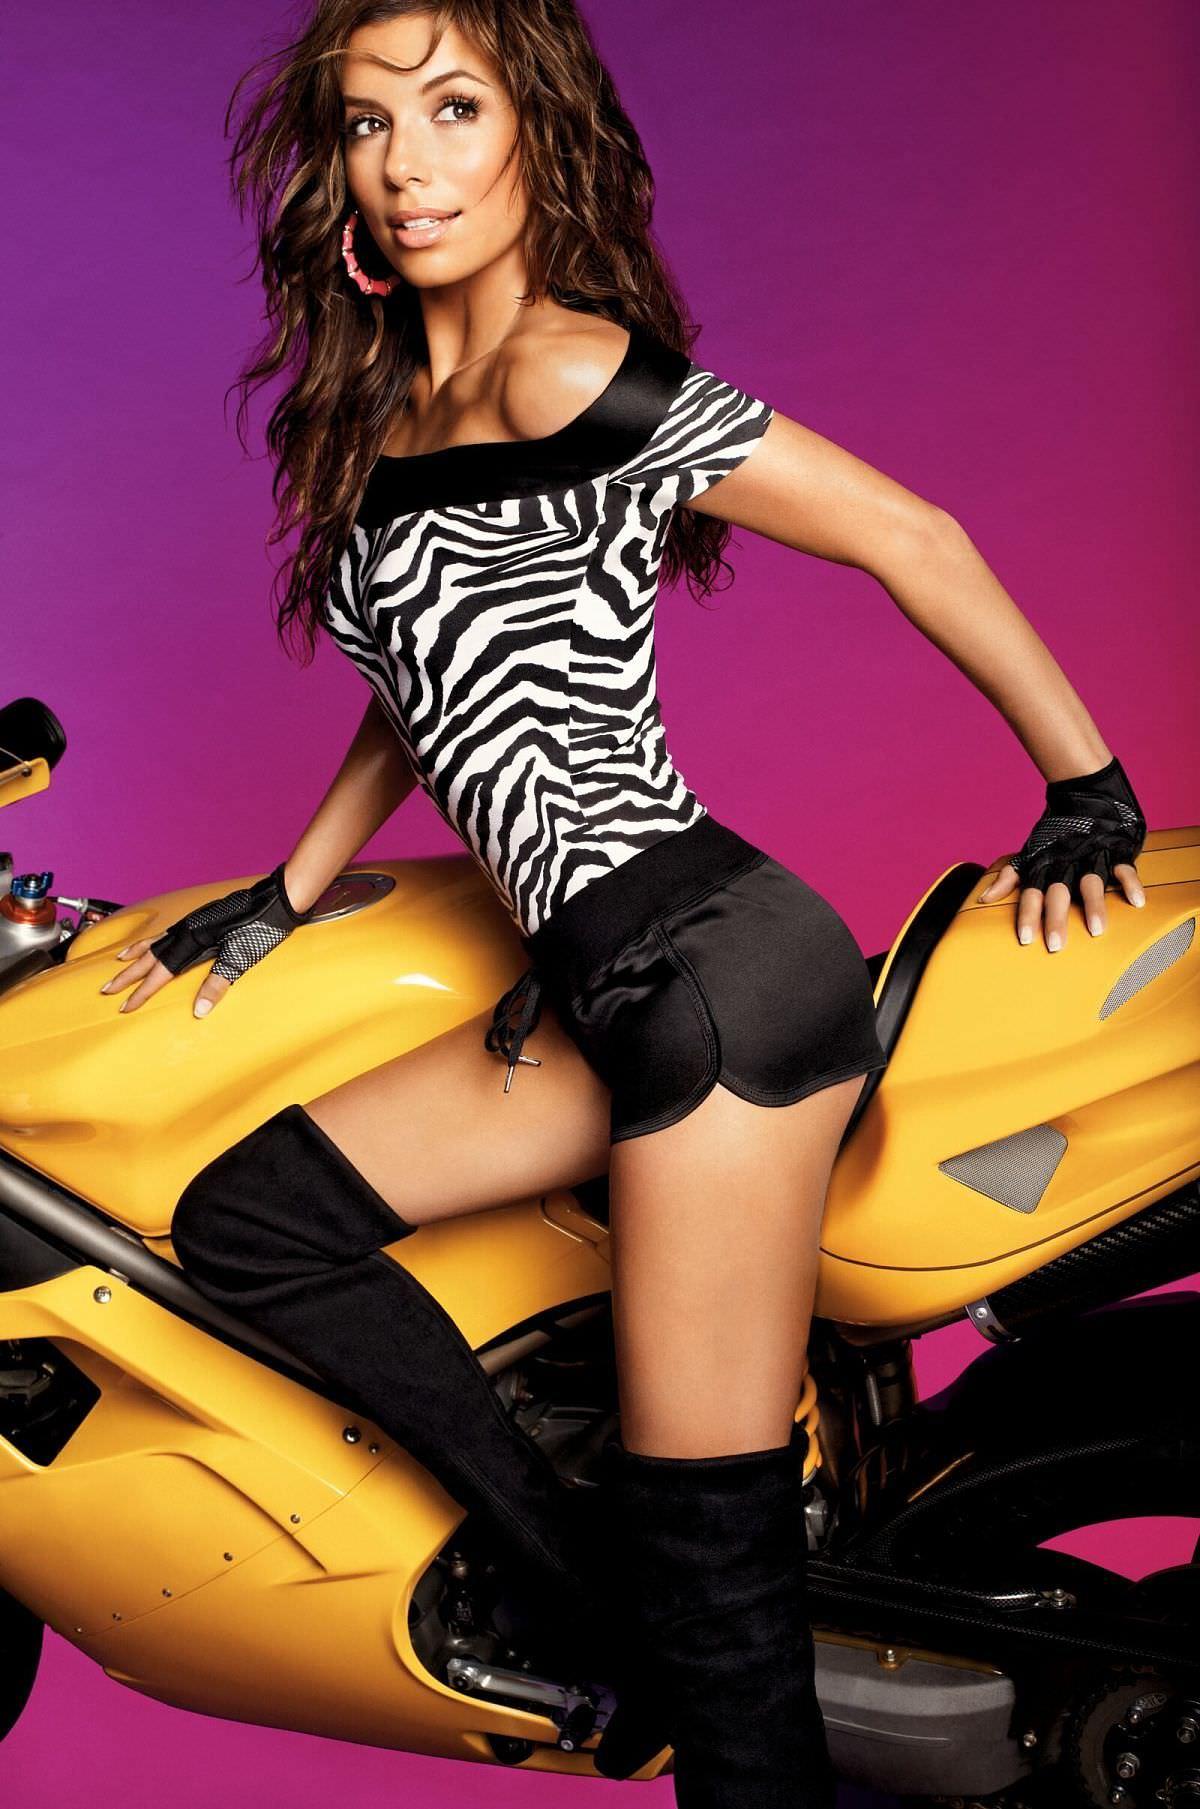 Ева Лонгория фото на мотоцикле